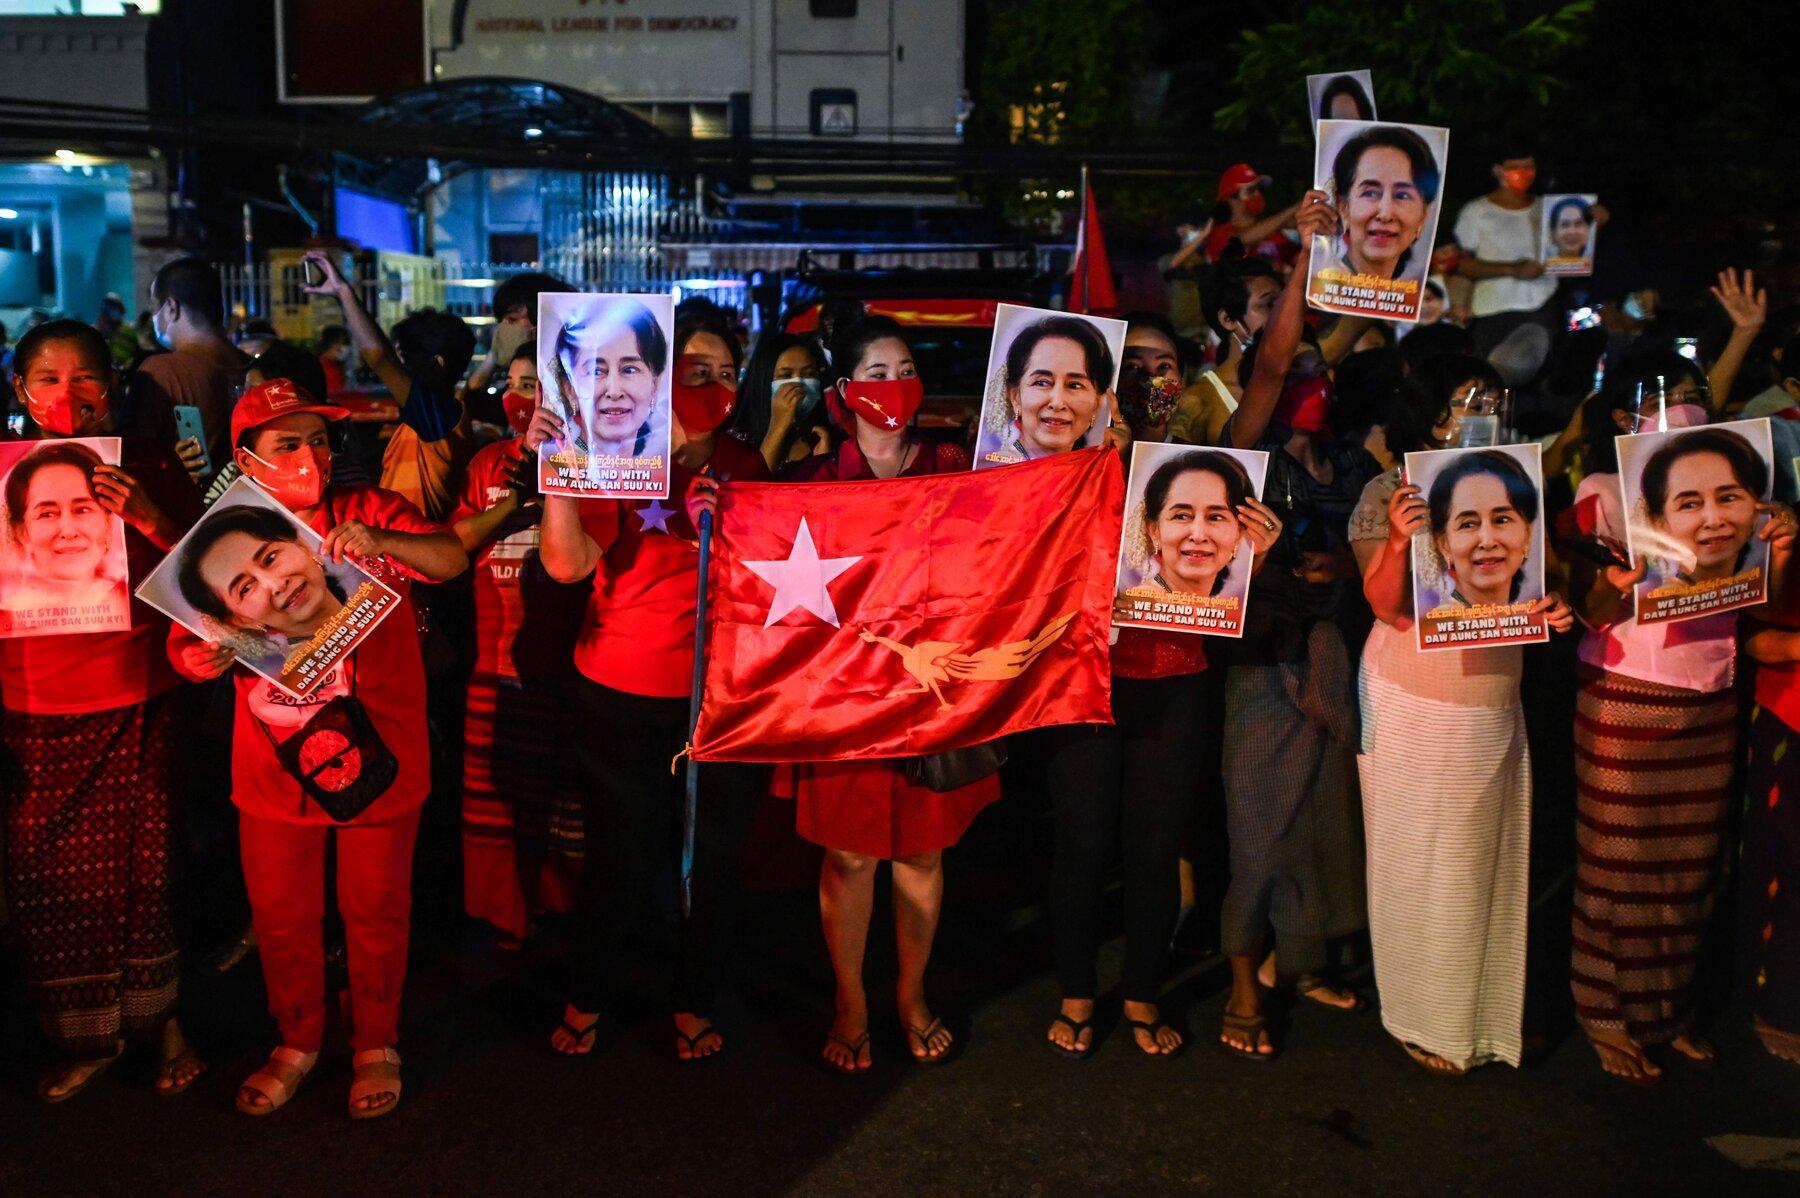 Selon des résultats partiels, la Ligue nationale pour la Démocratie (LND) d'Aung San Suu Kyi remporterait les élections du 8 novembre 2020 avec plus de 60 % des suffrages. (Source : NYT)